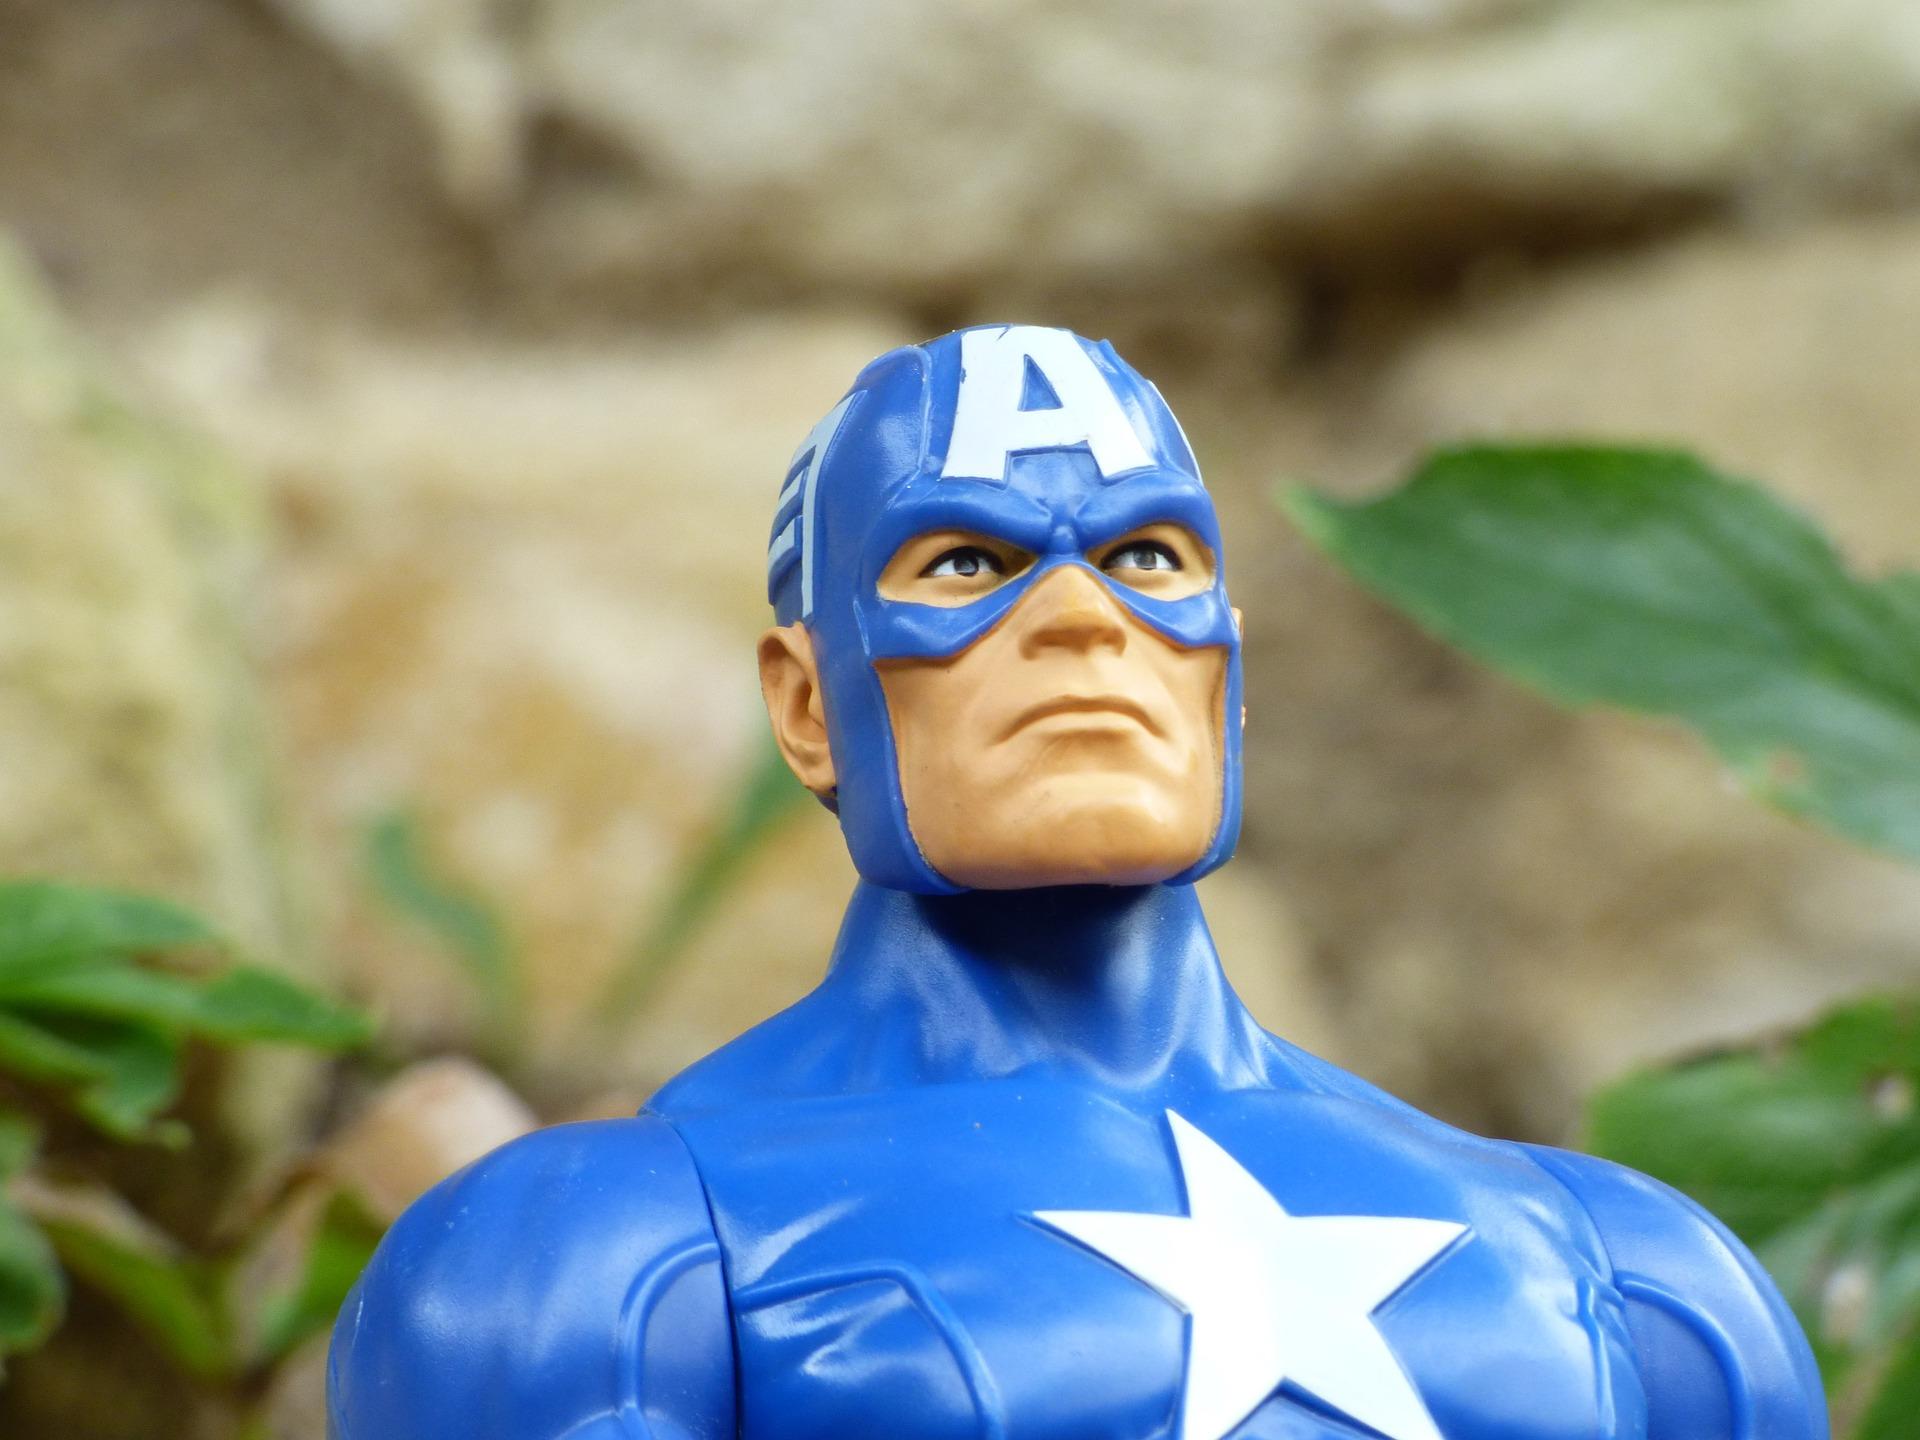 captain-america-861757_1920.jpg